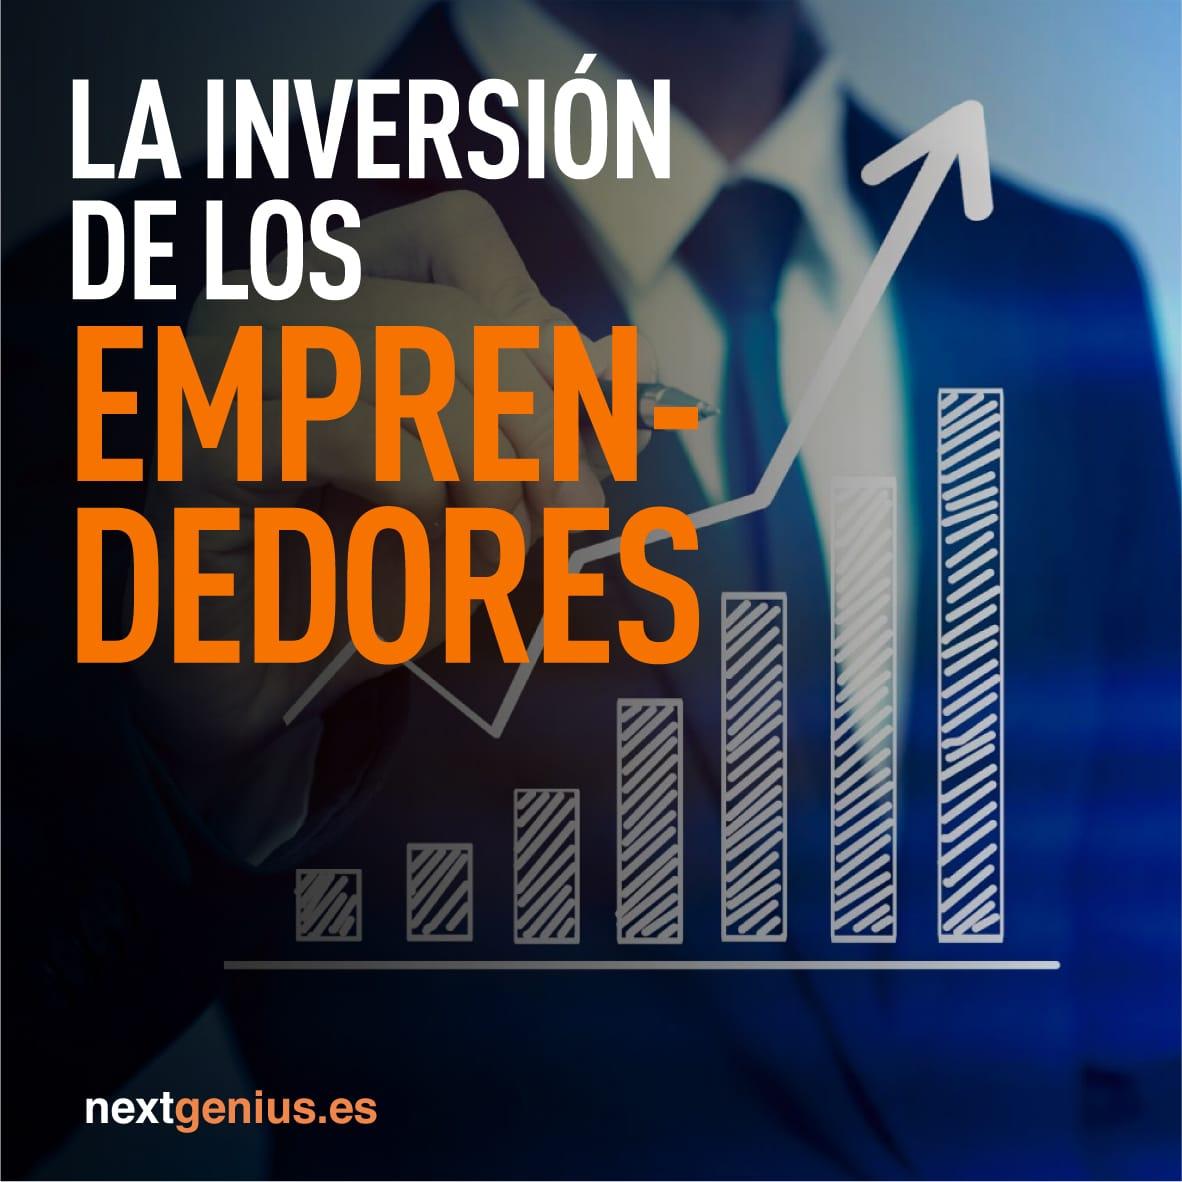 La inversión para emprendedores